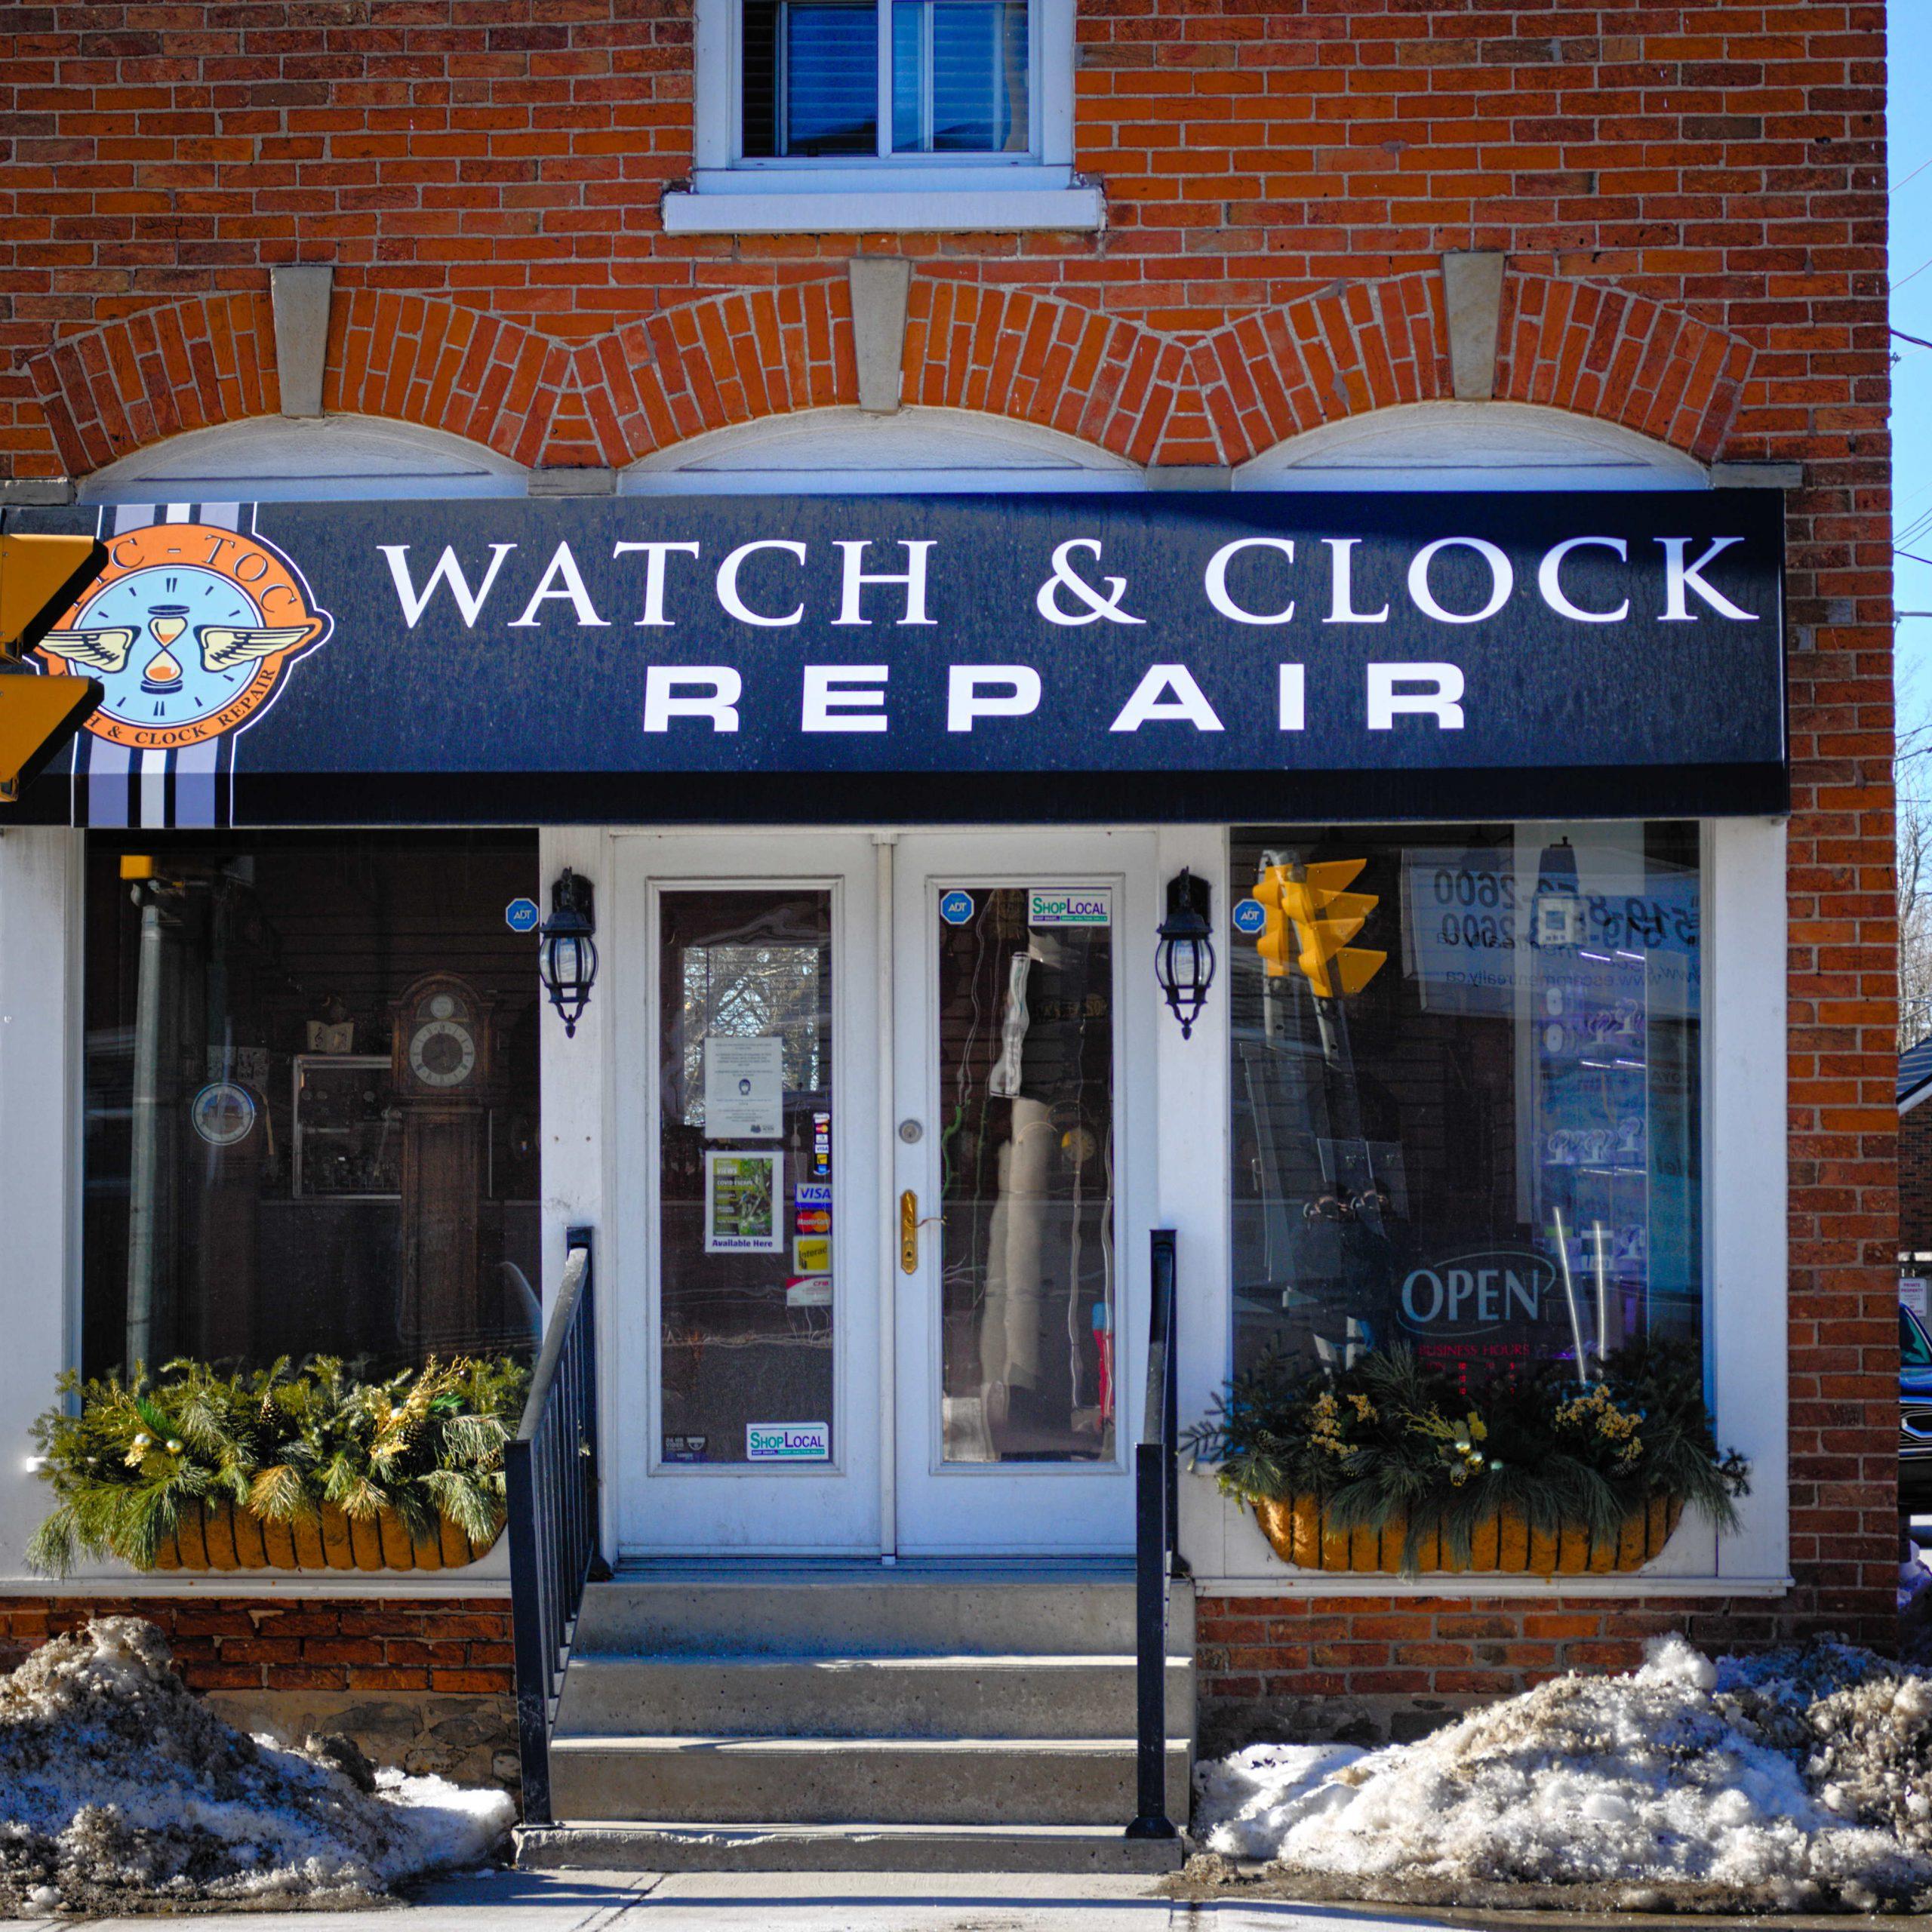 Tic Toc Watch and Clock Repair